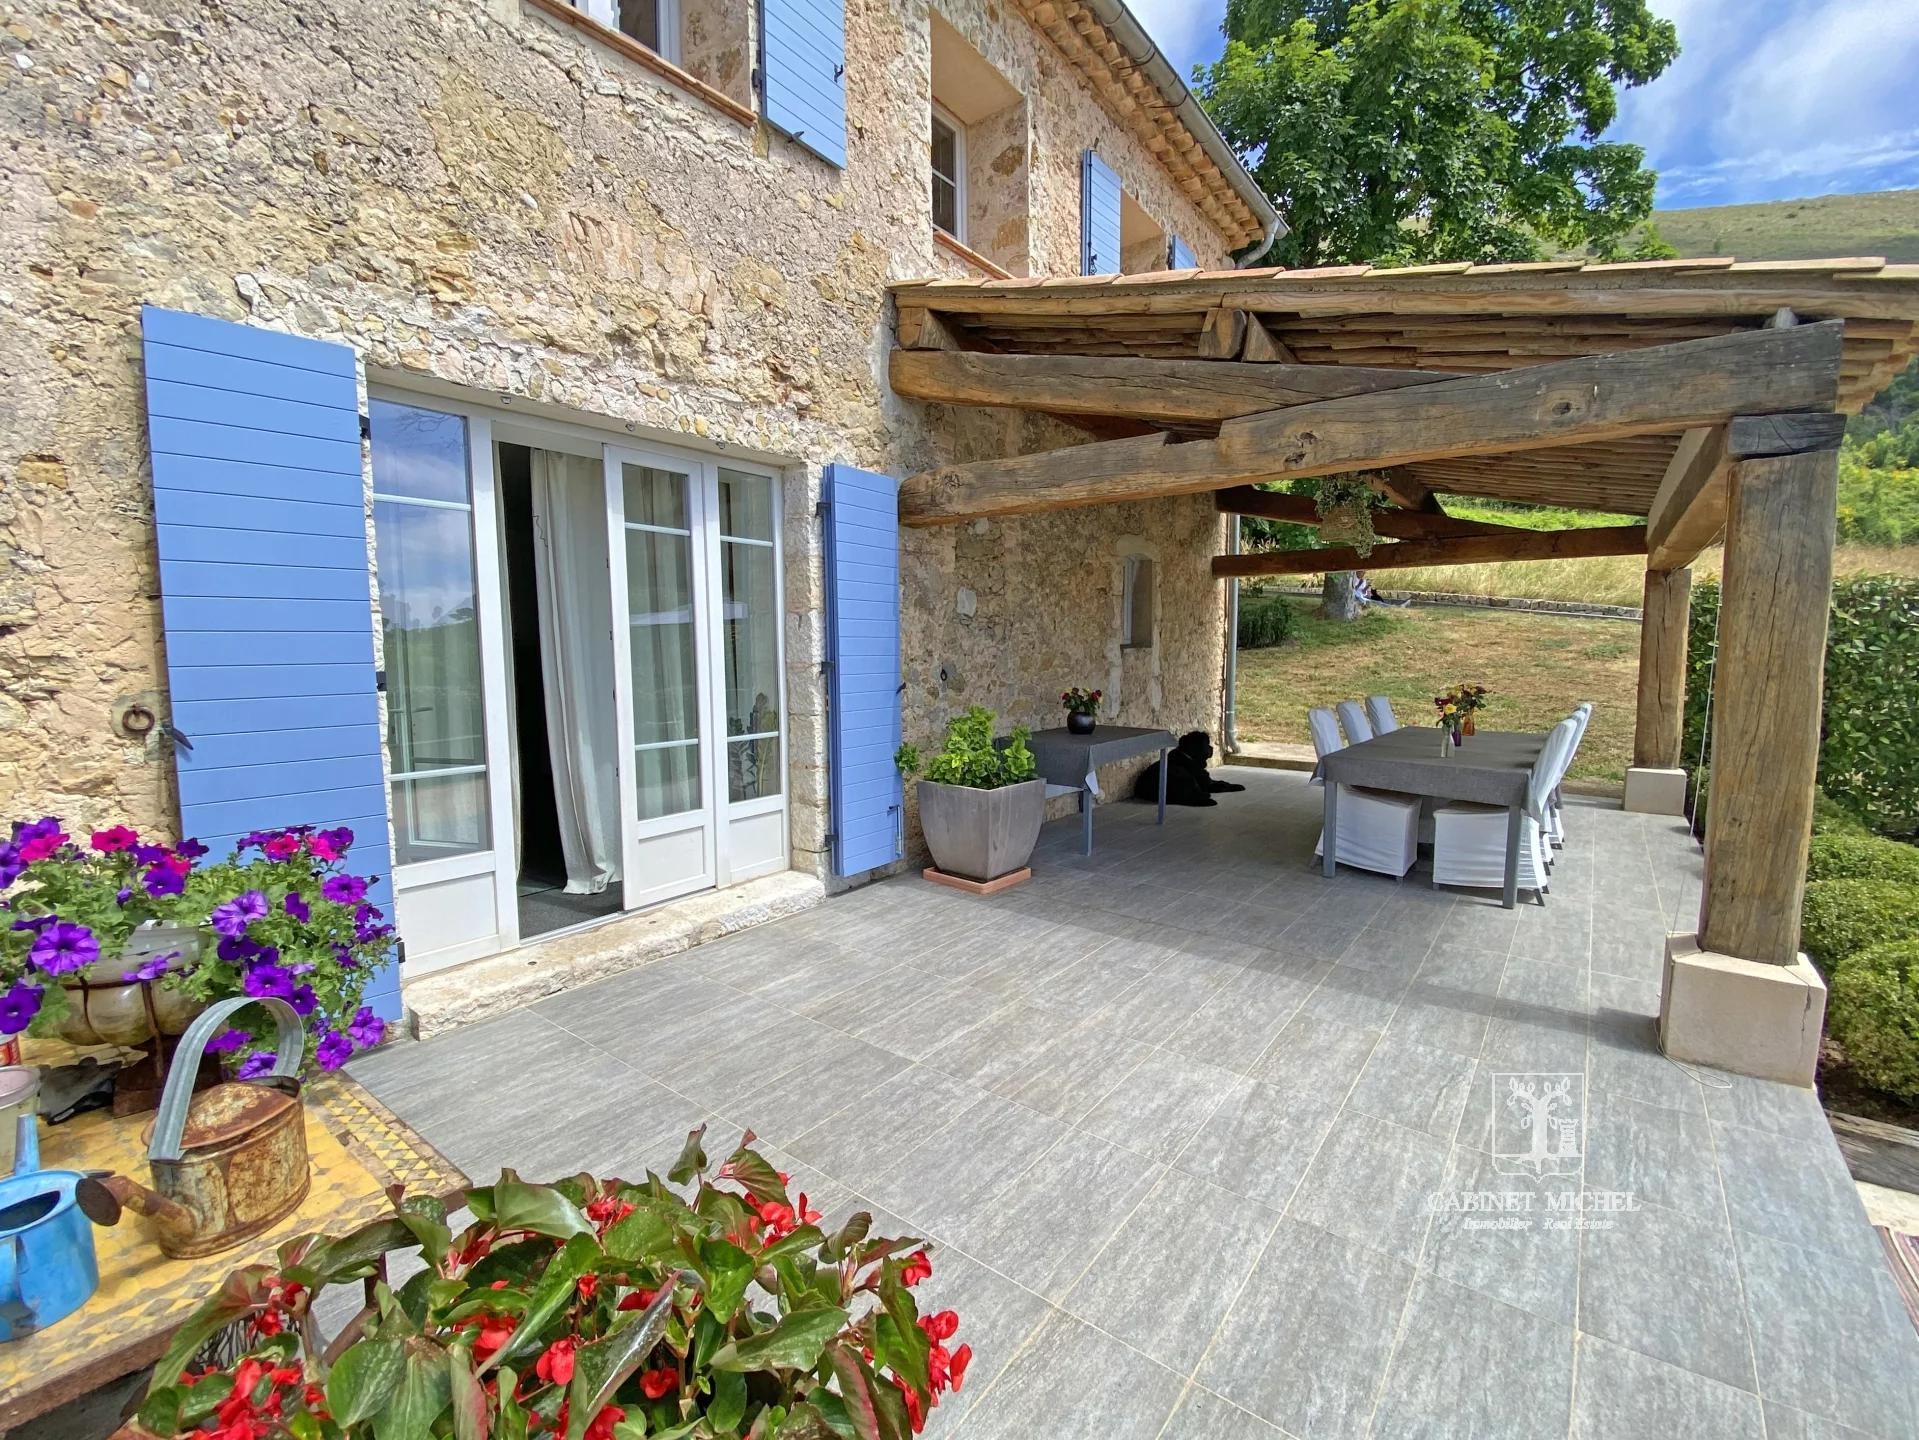 TOURETTES-SUR-LOUP - Superb farmhouse